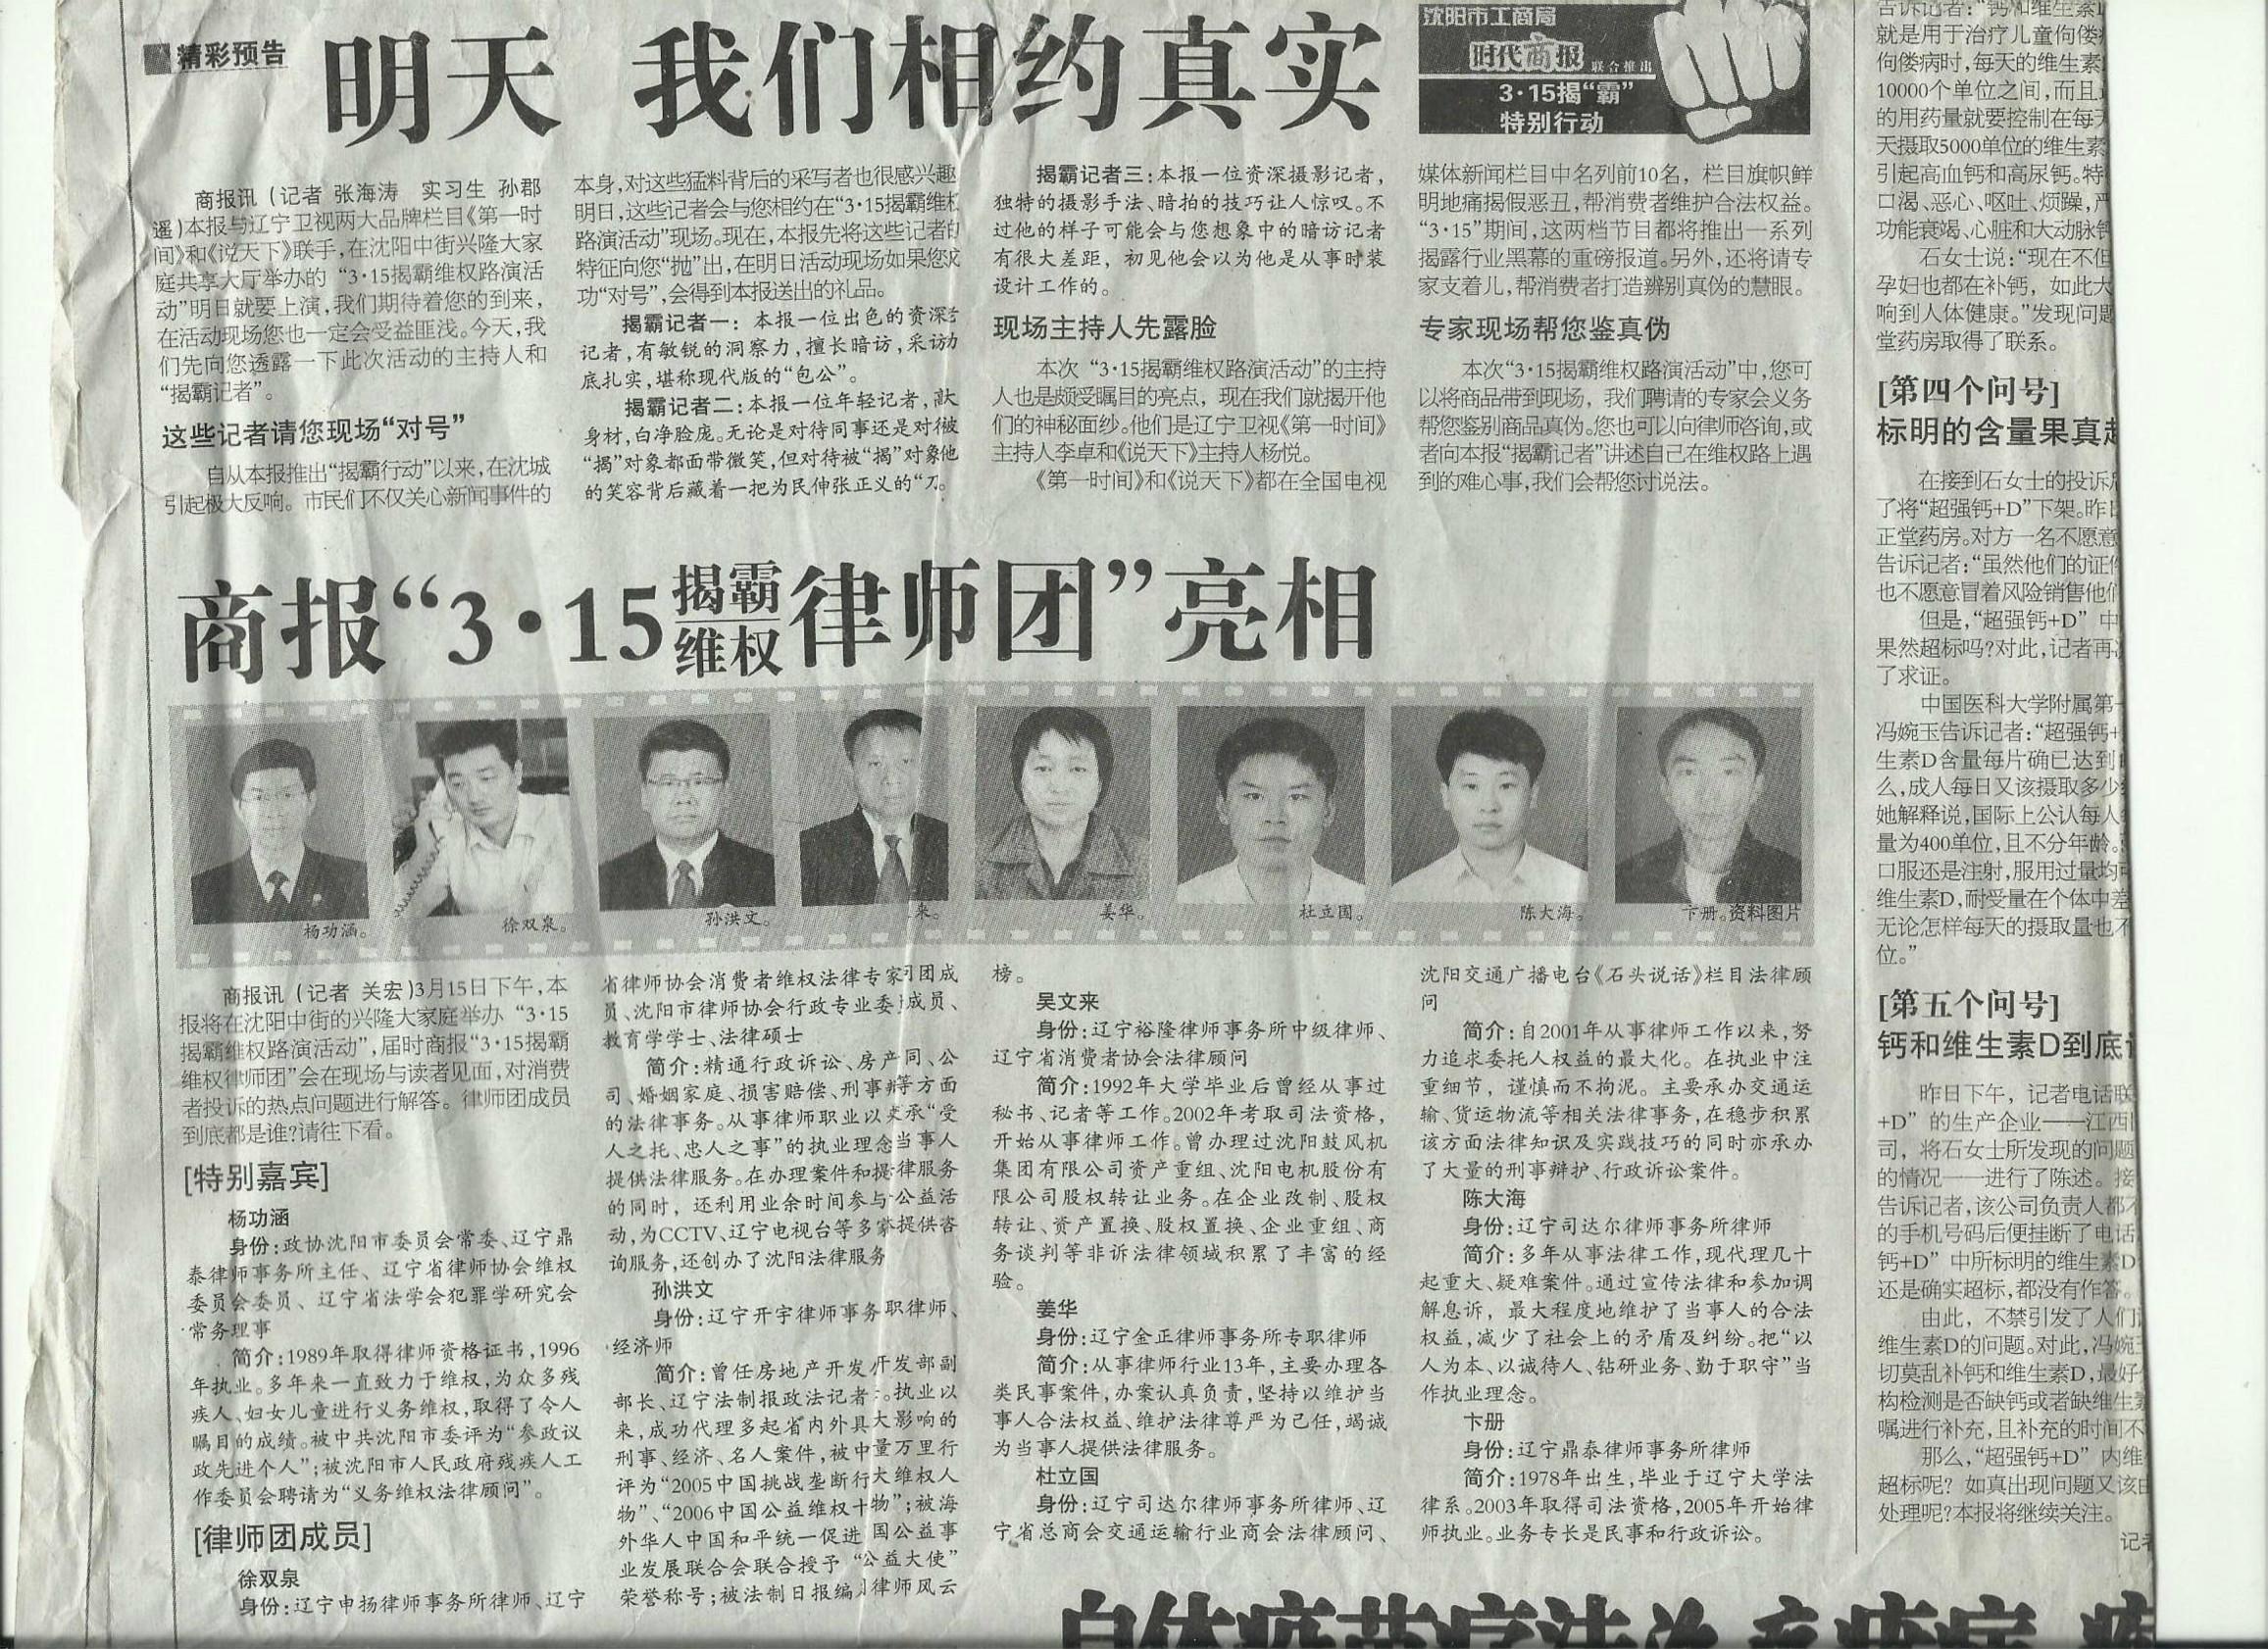 3.15十大揭霸维权律师团成员